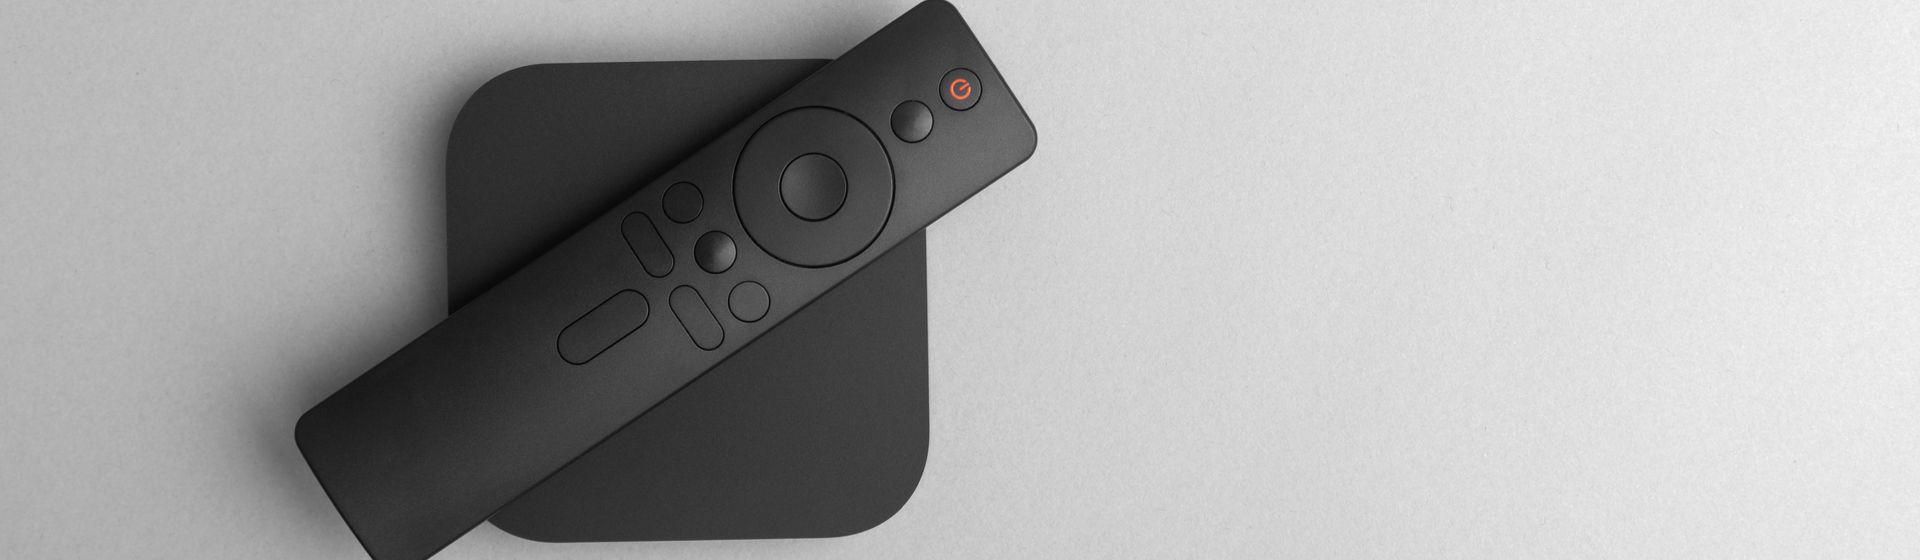 Melhor Android TV Box 2021: veja a seleção dos melhores modelos do momento